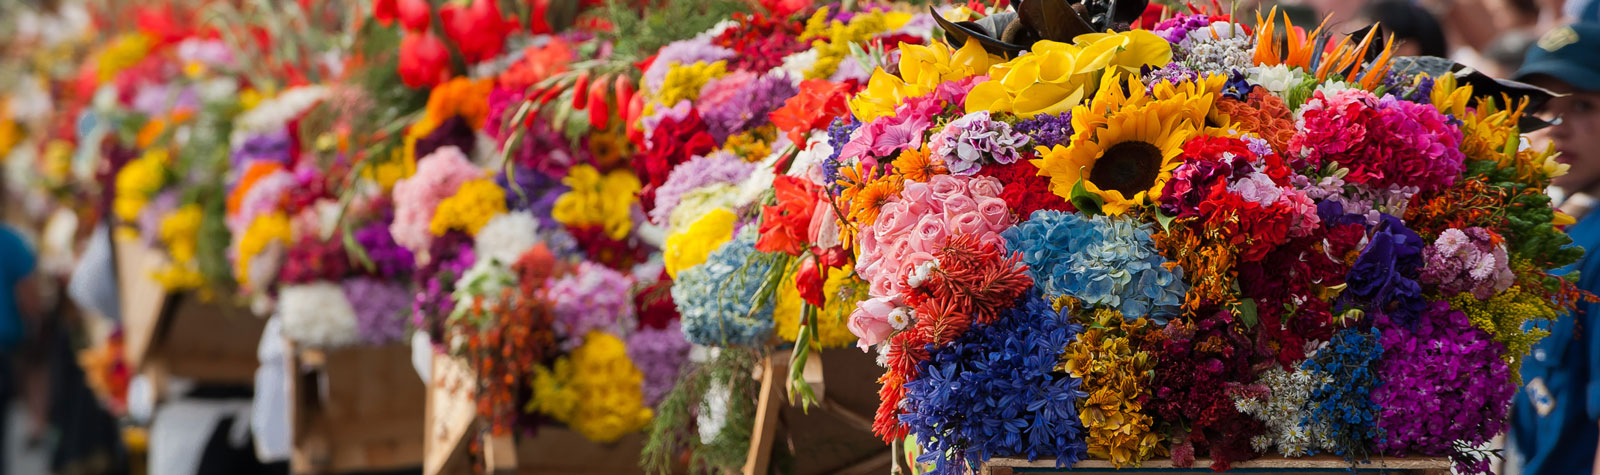 Fiestas florales alrededor del mundo